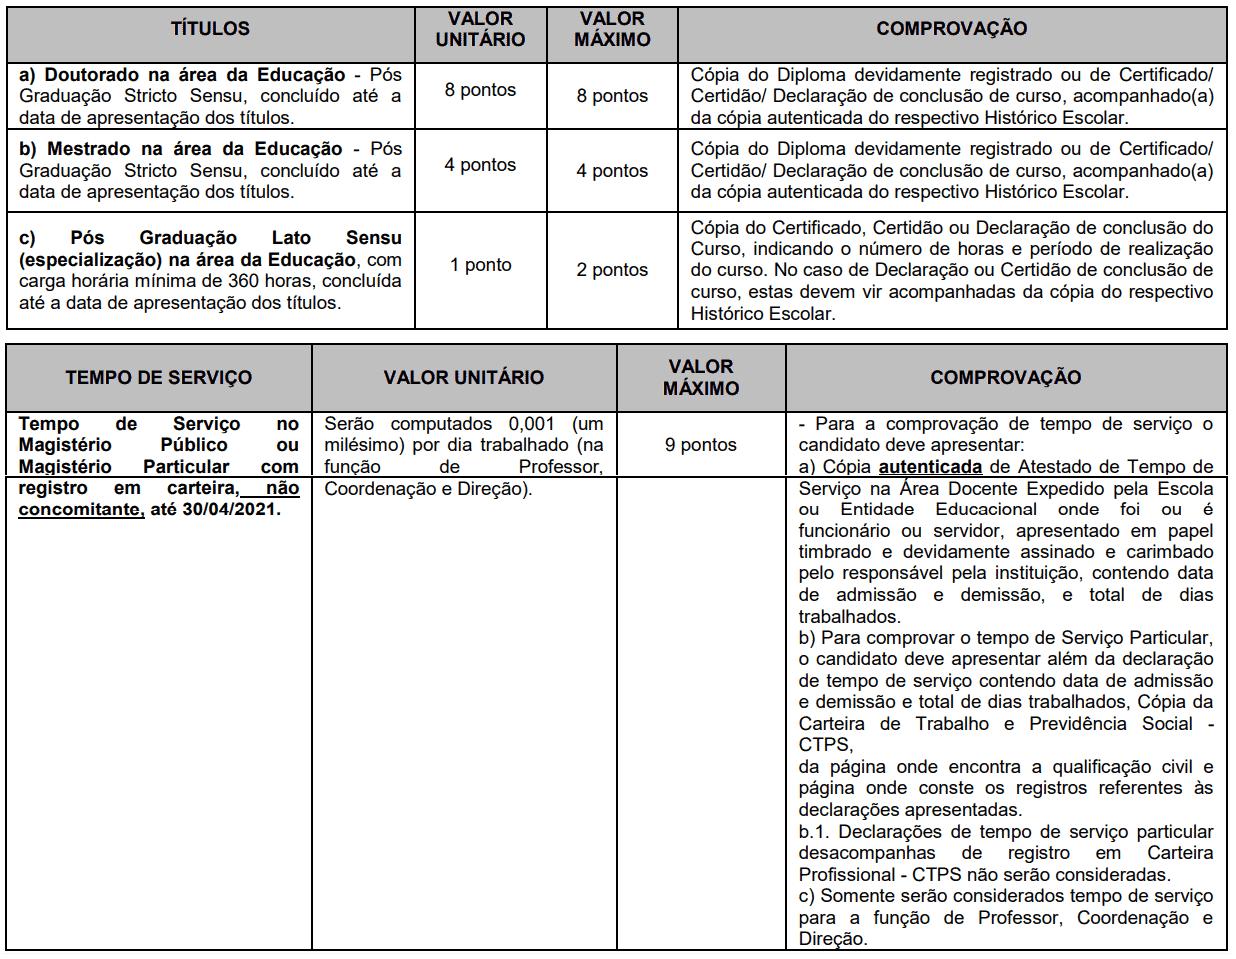 465 - Processo seletivo Prefeitura de Ourinhos SP: Inscrições encerradas